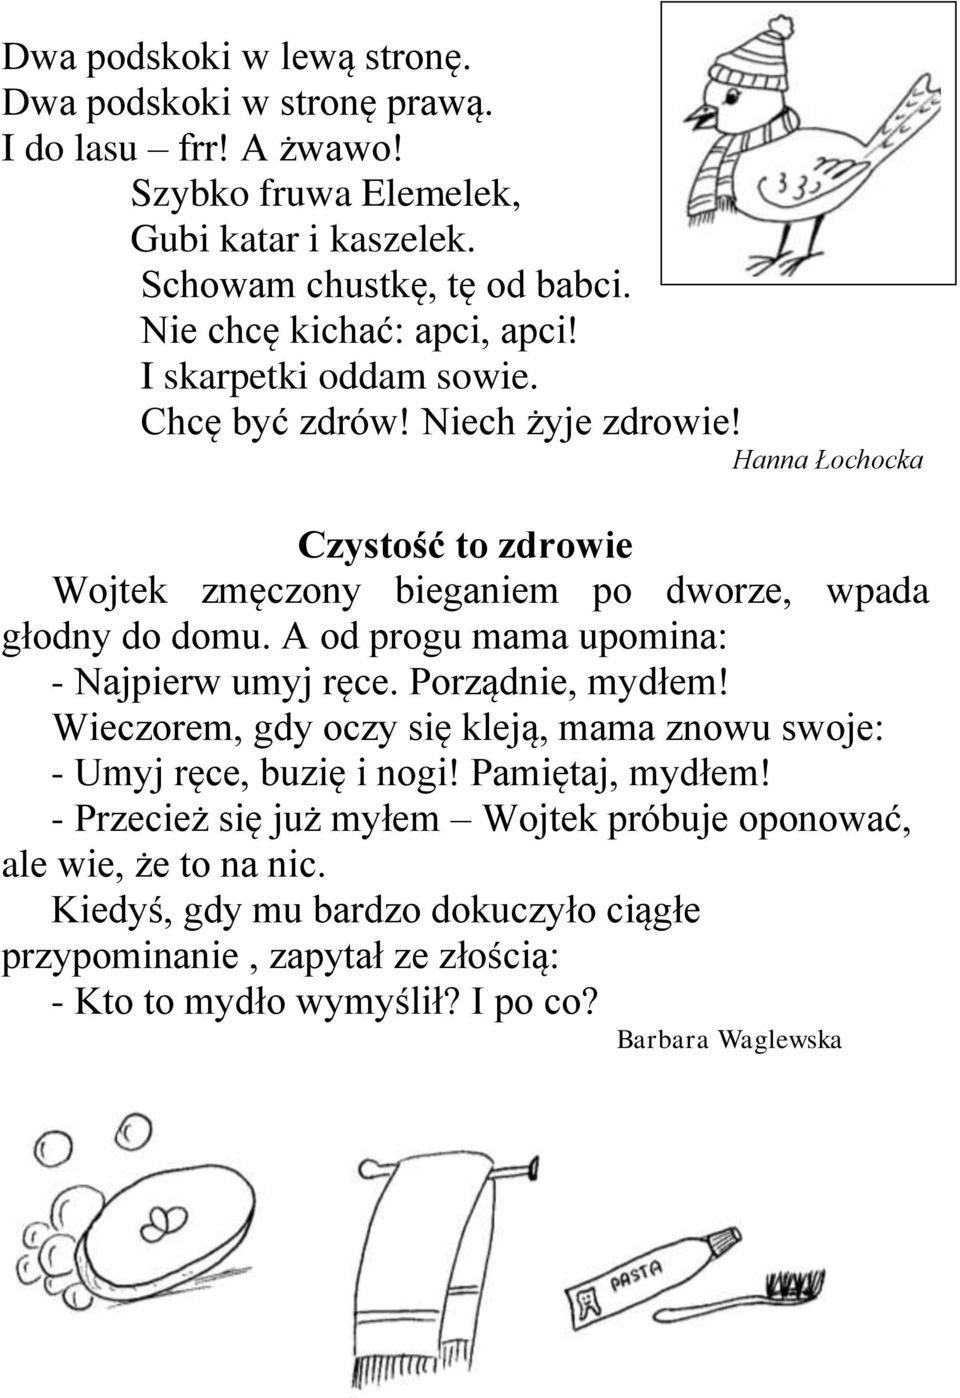 Pin On Polska Mova